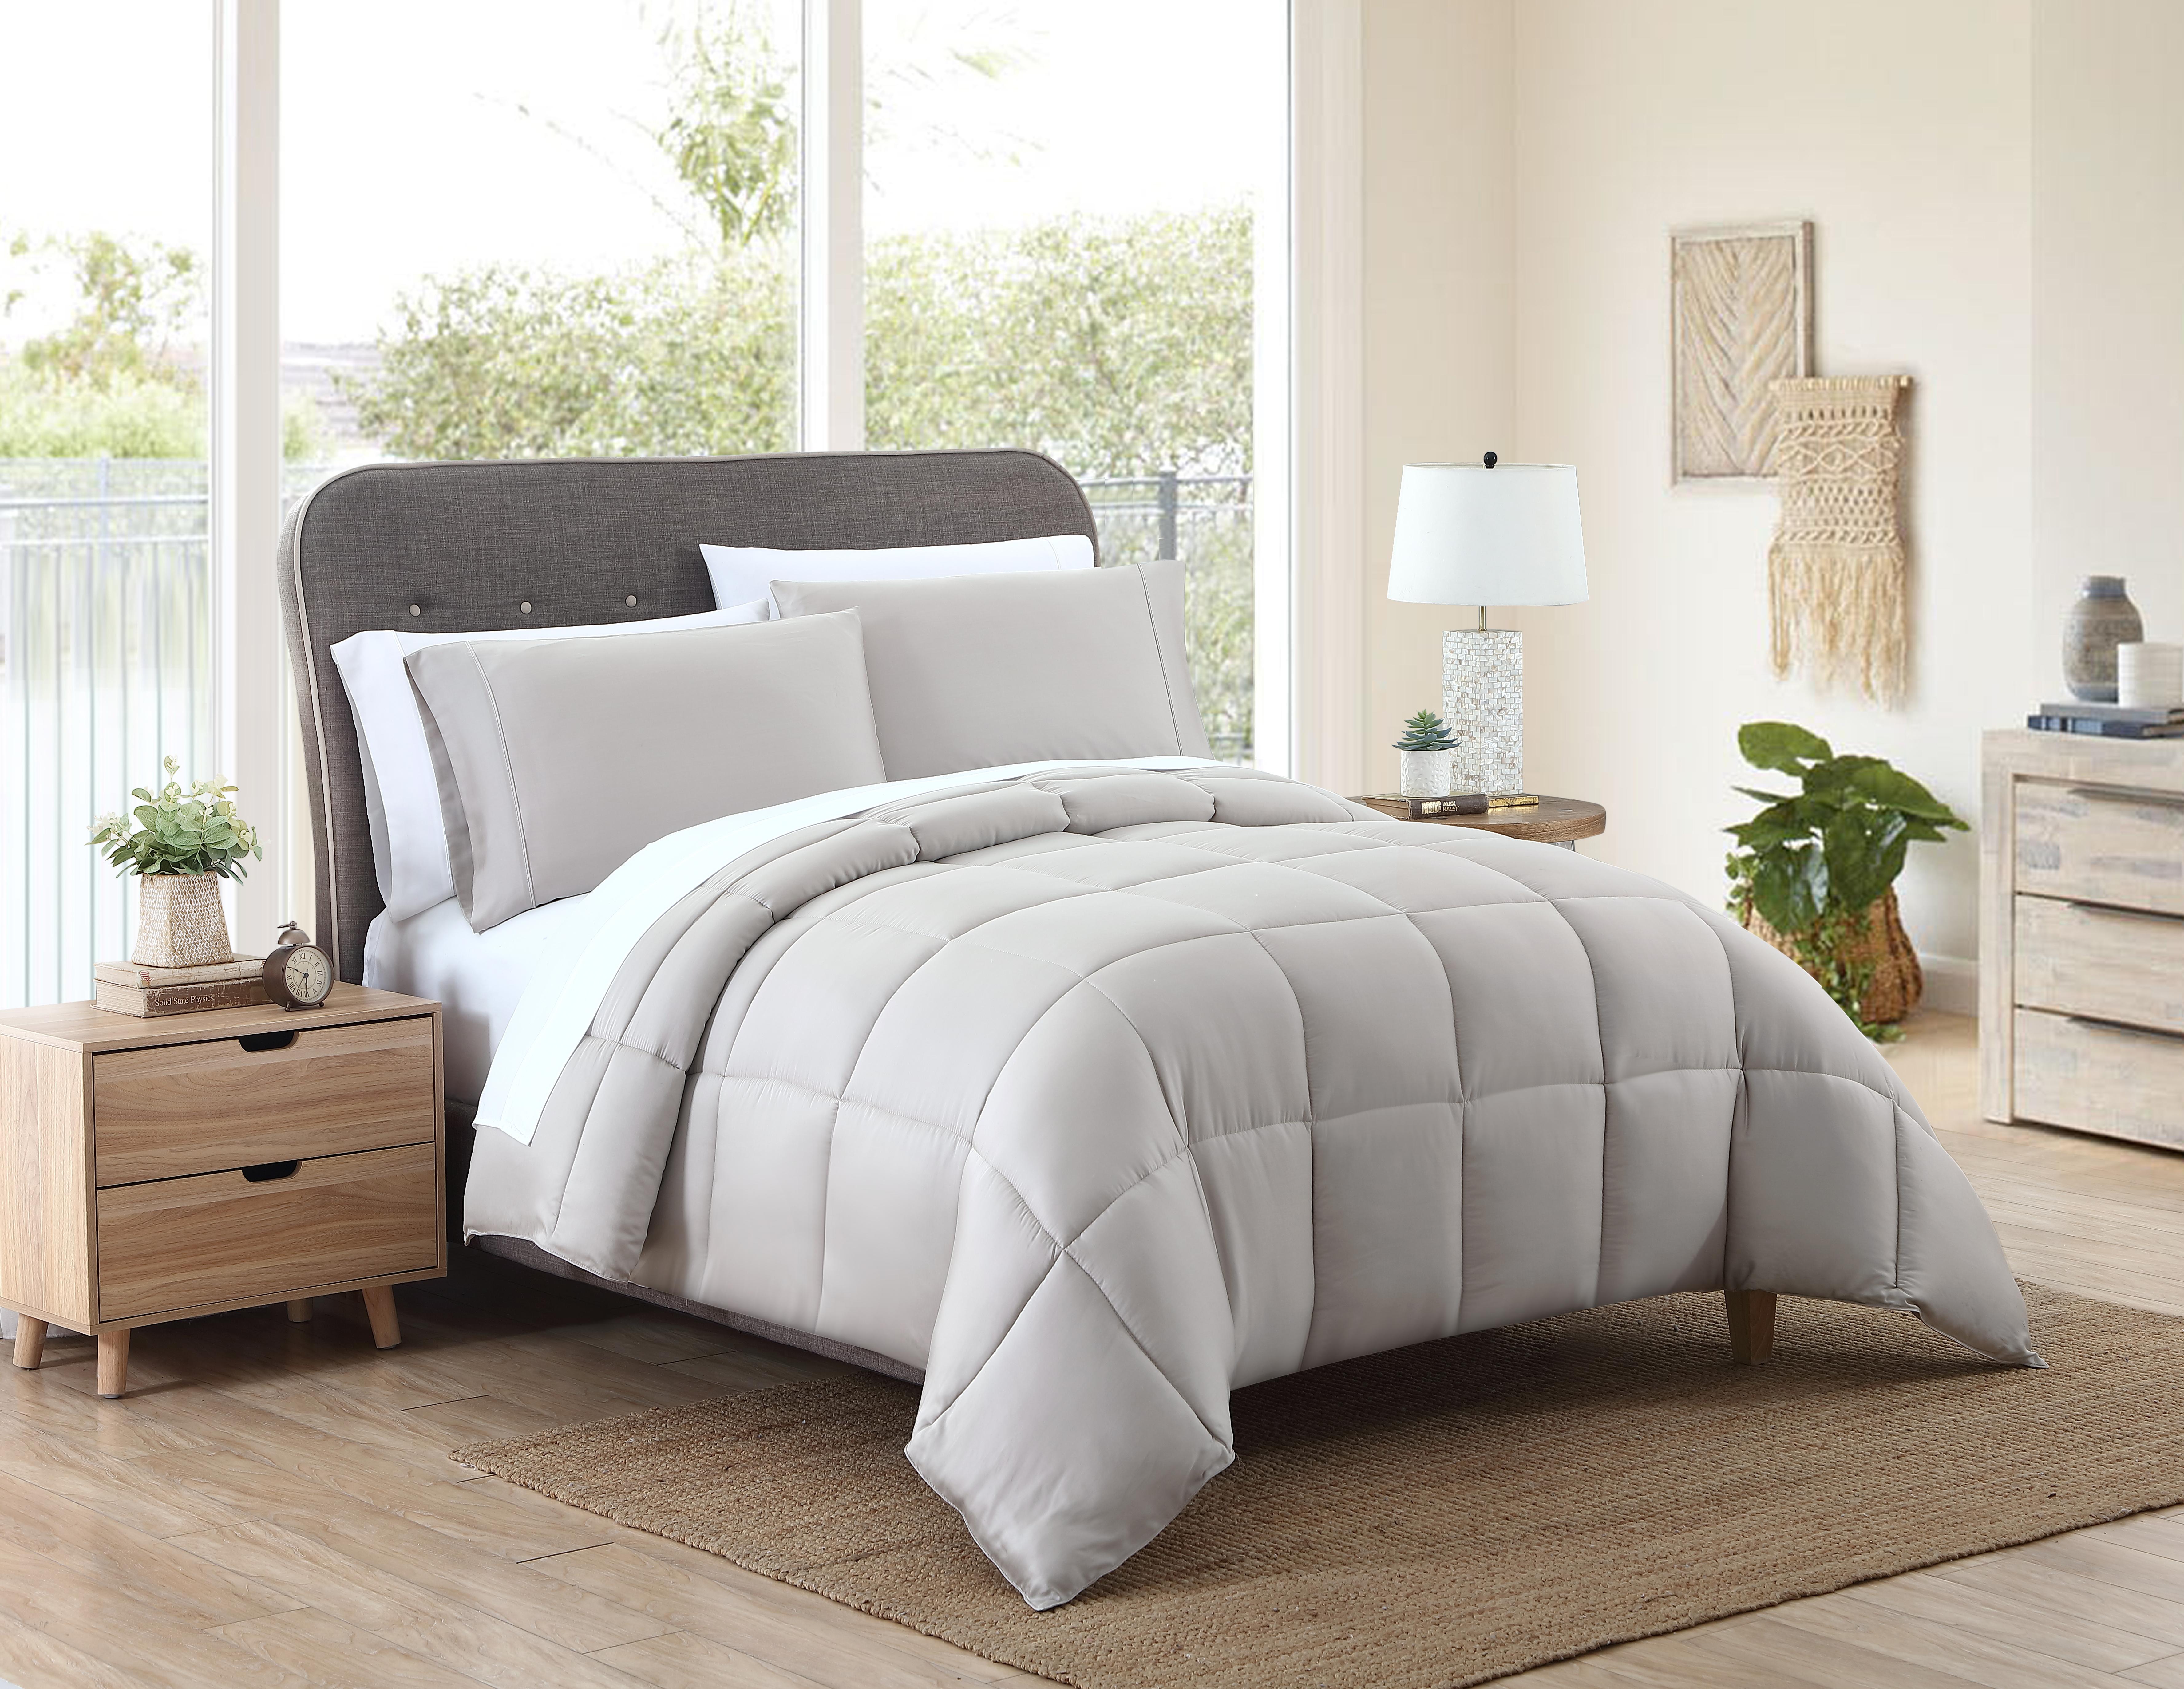 Kohl's Comforter Taupe (2)